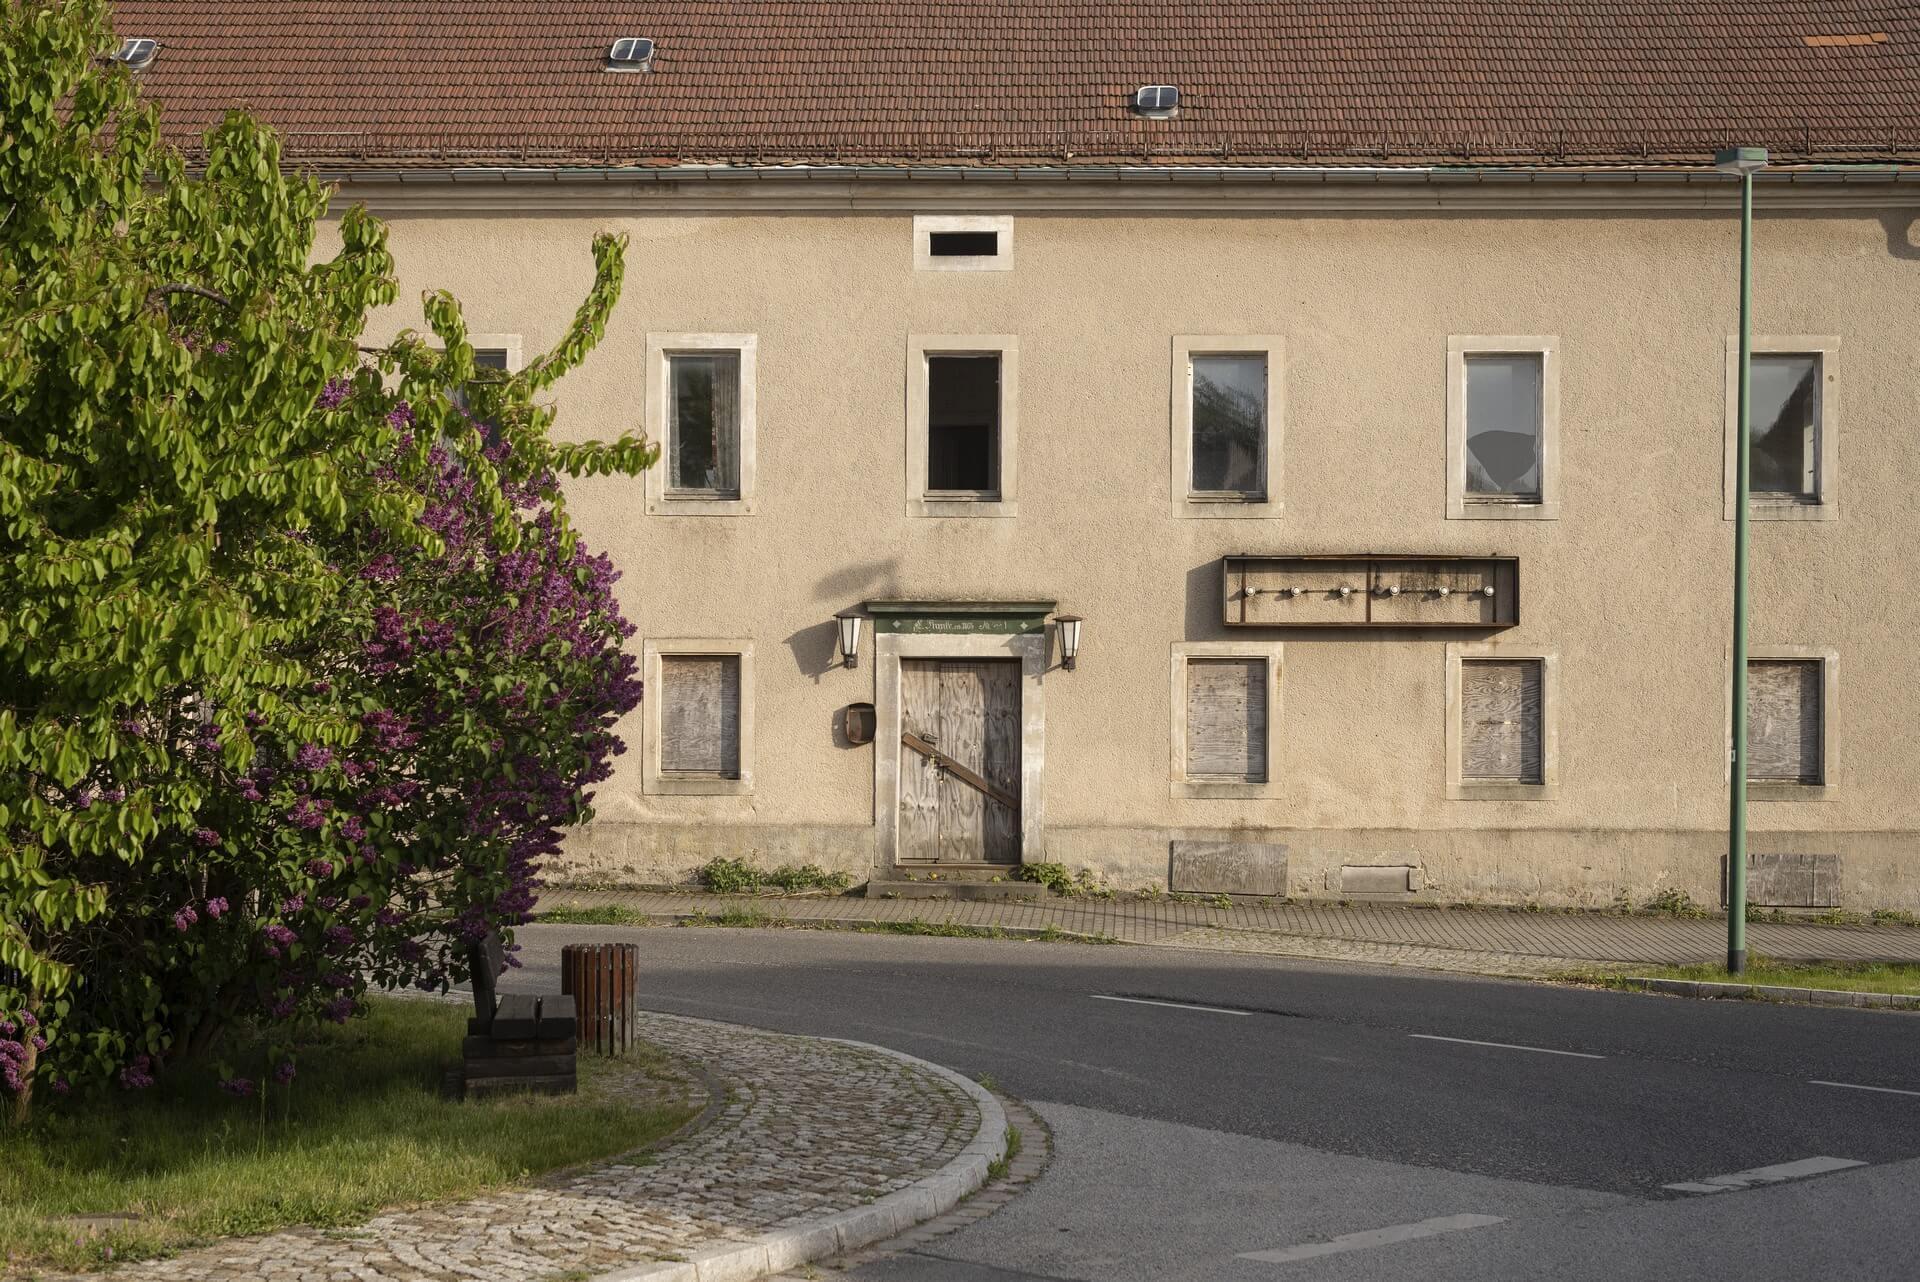 Dresden - Reitzendorf